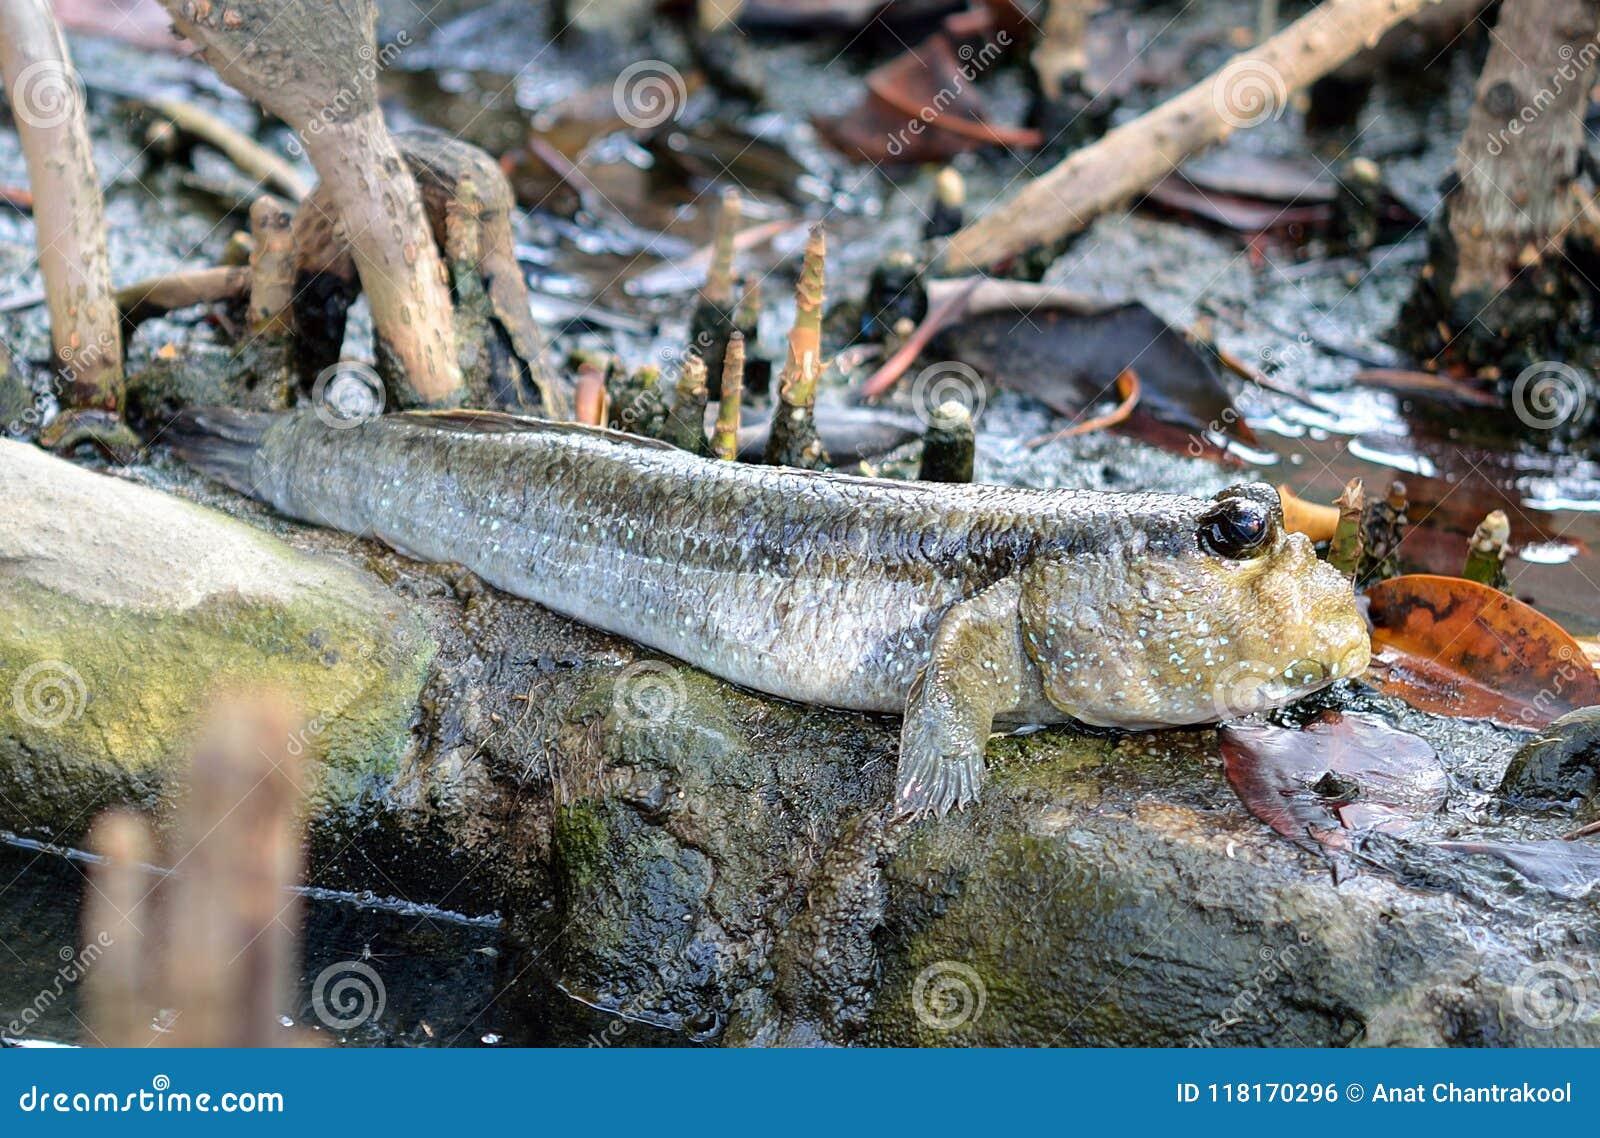 Mudskipper, Amfibische vissen